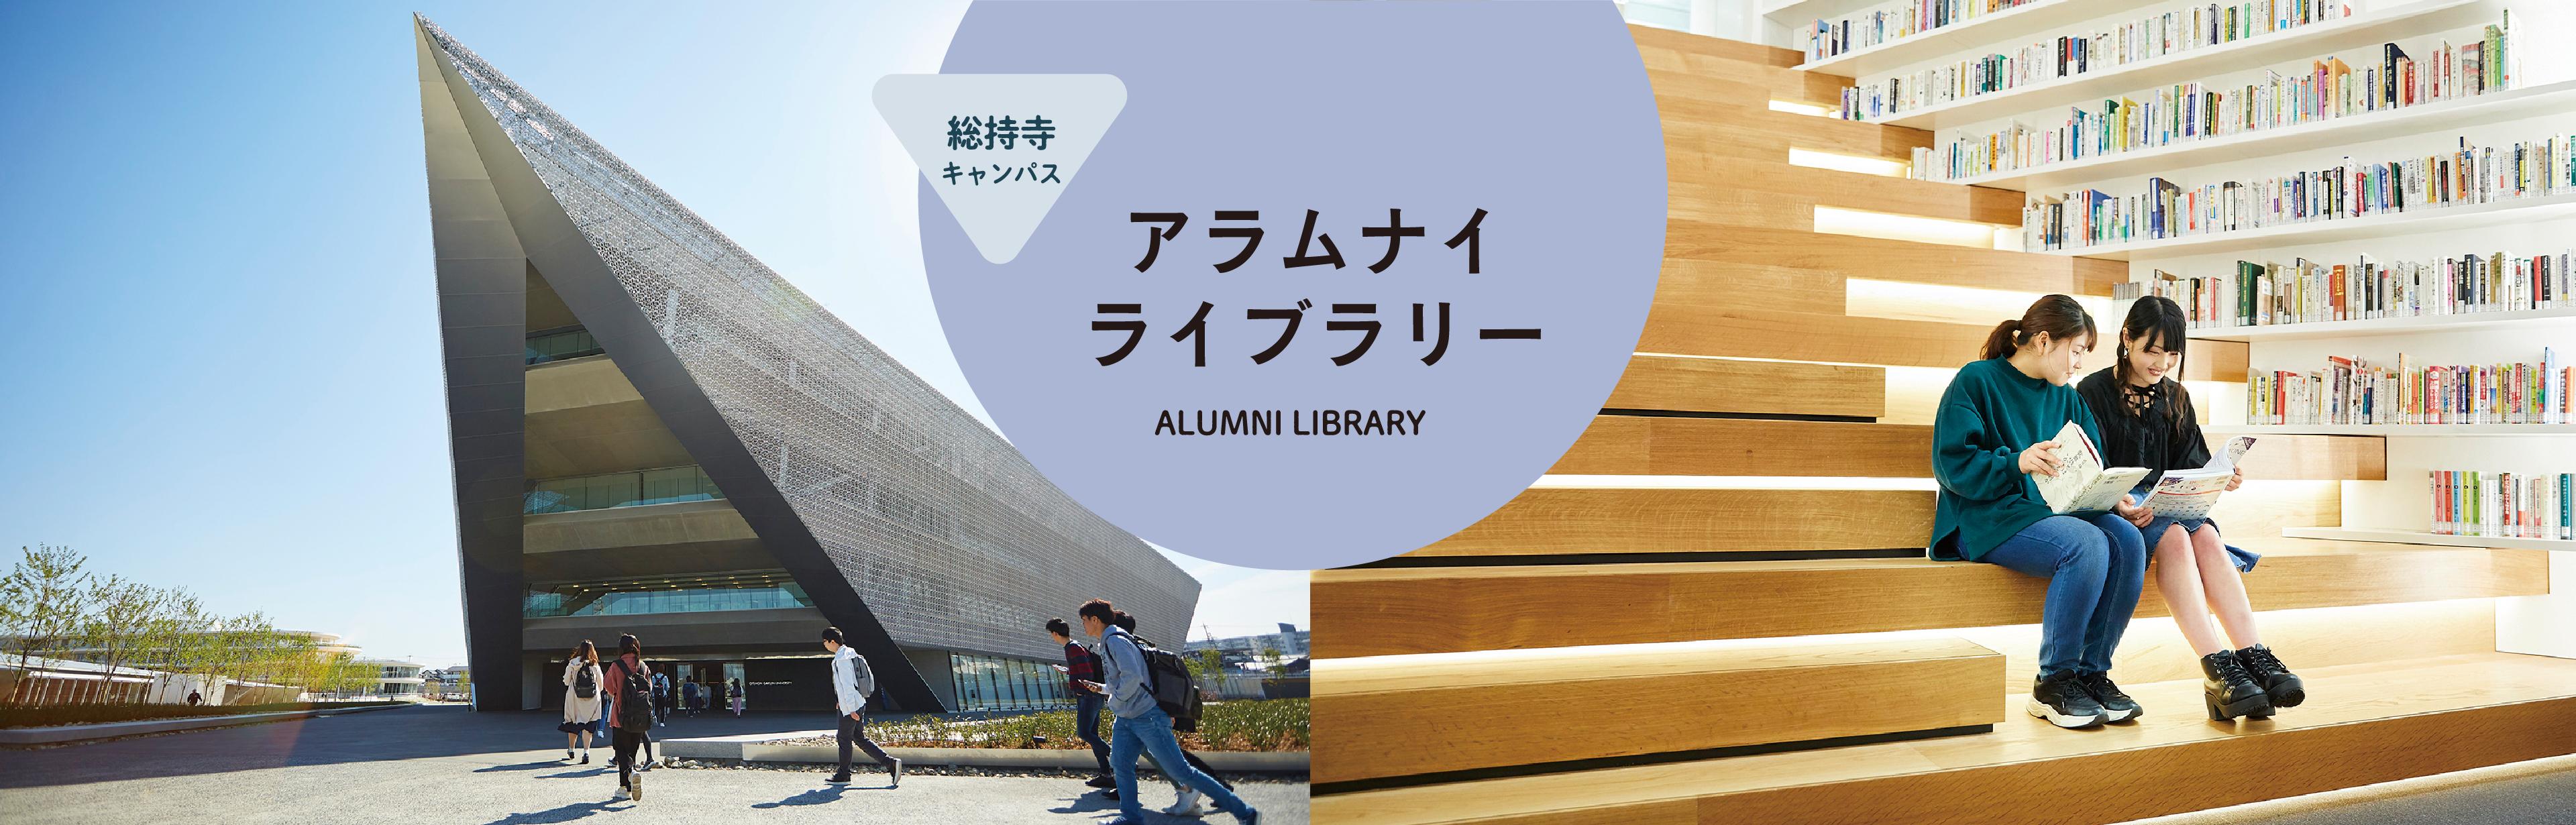 総持寺キャンパス アラムナイライブラリー